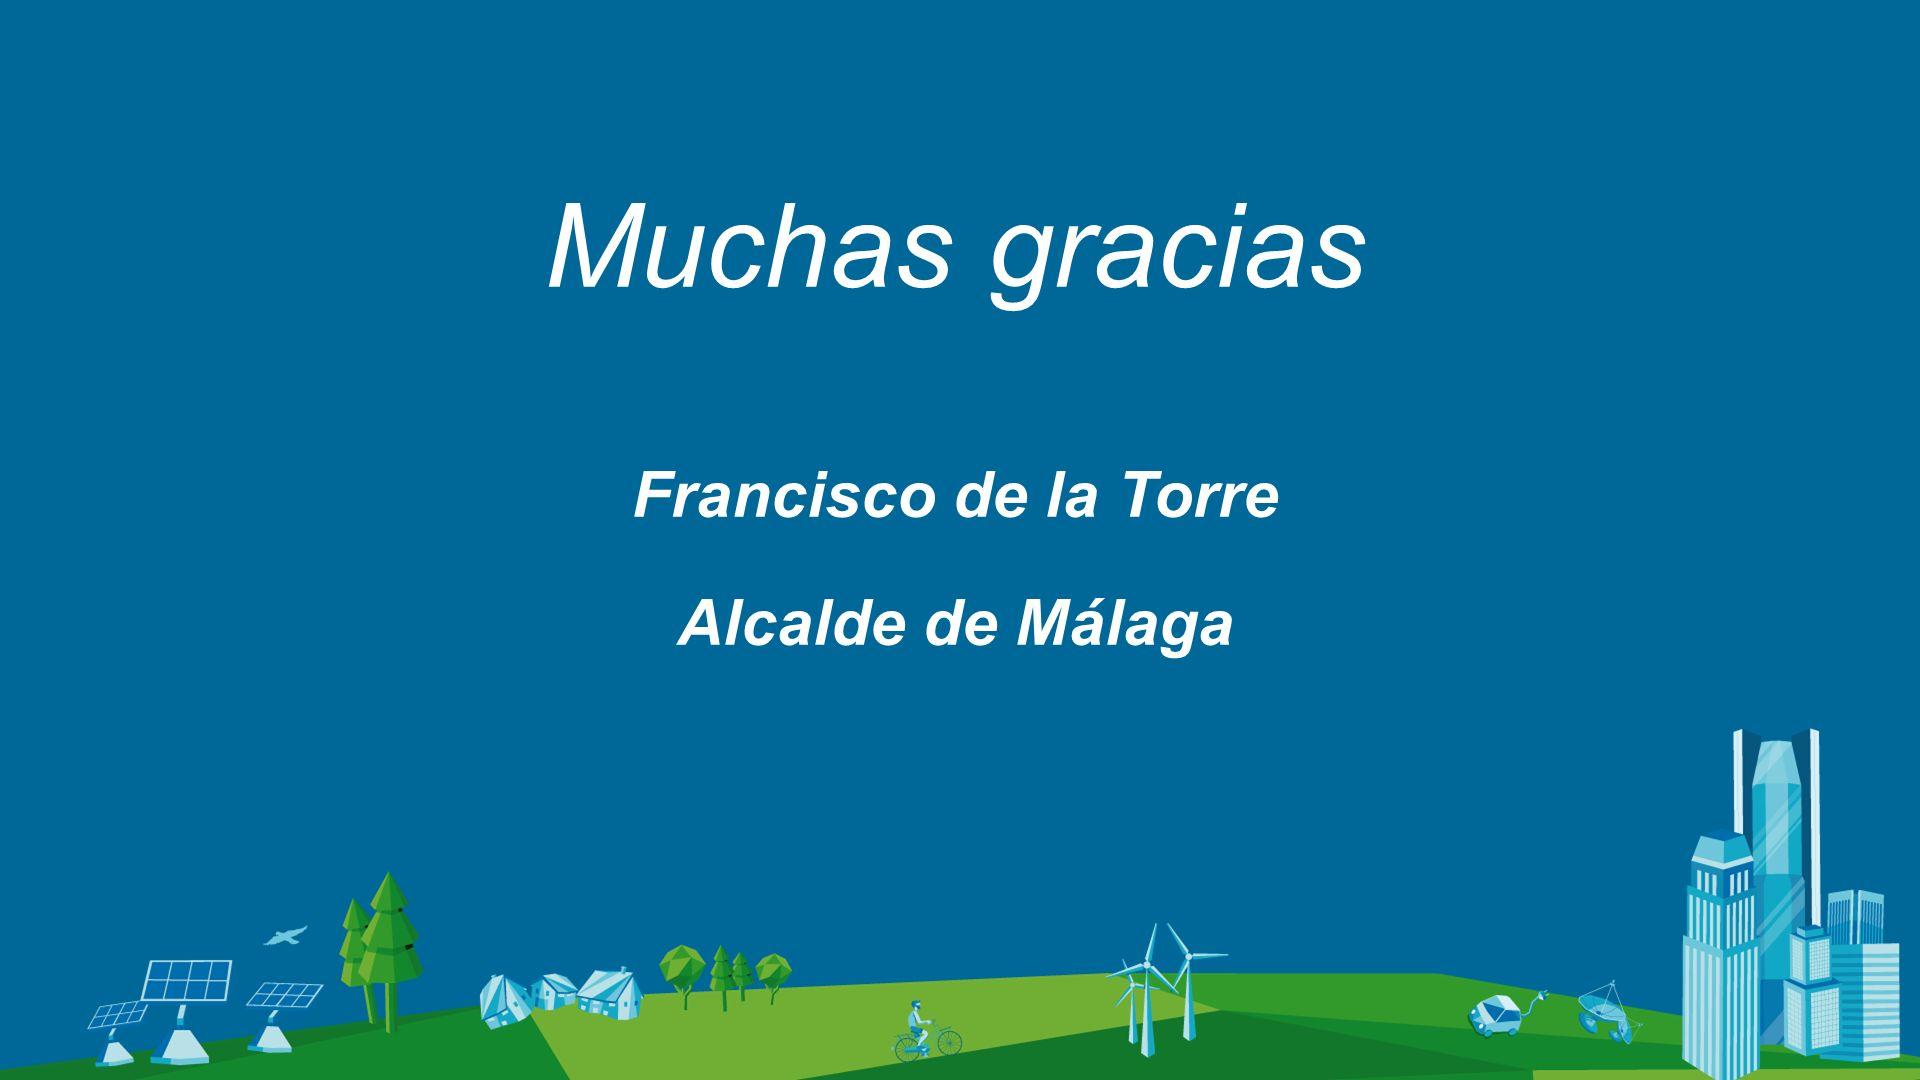 Muchas gracias Francisco de la Torre Alcalde de Málaga